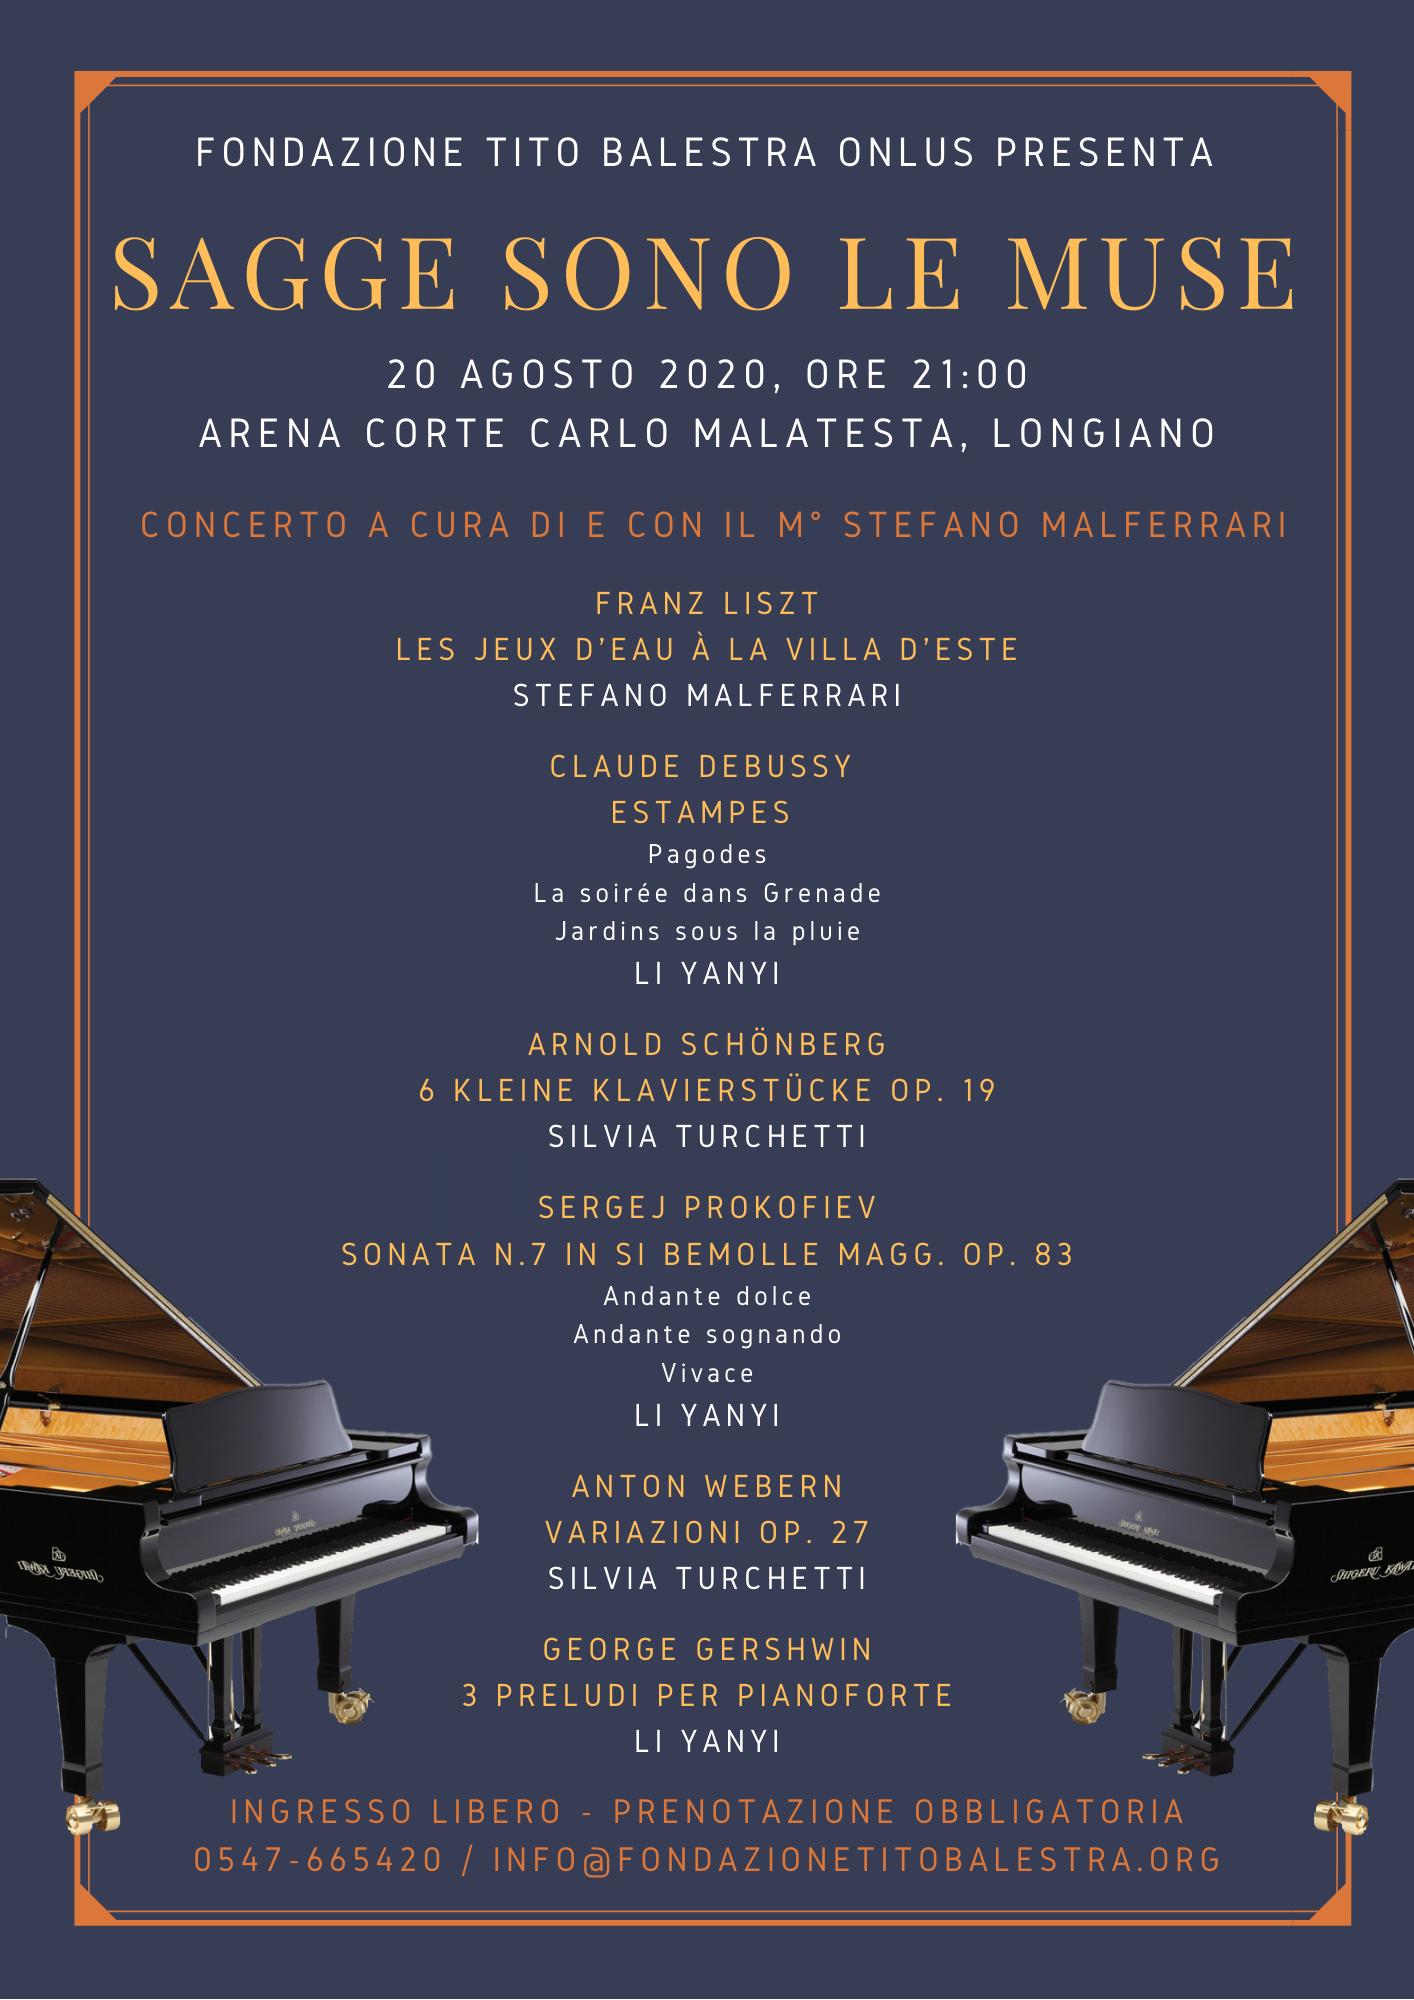 Programma di sala 20 agosto 2020